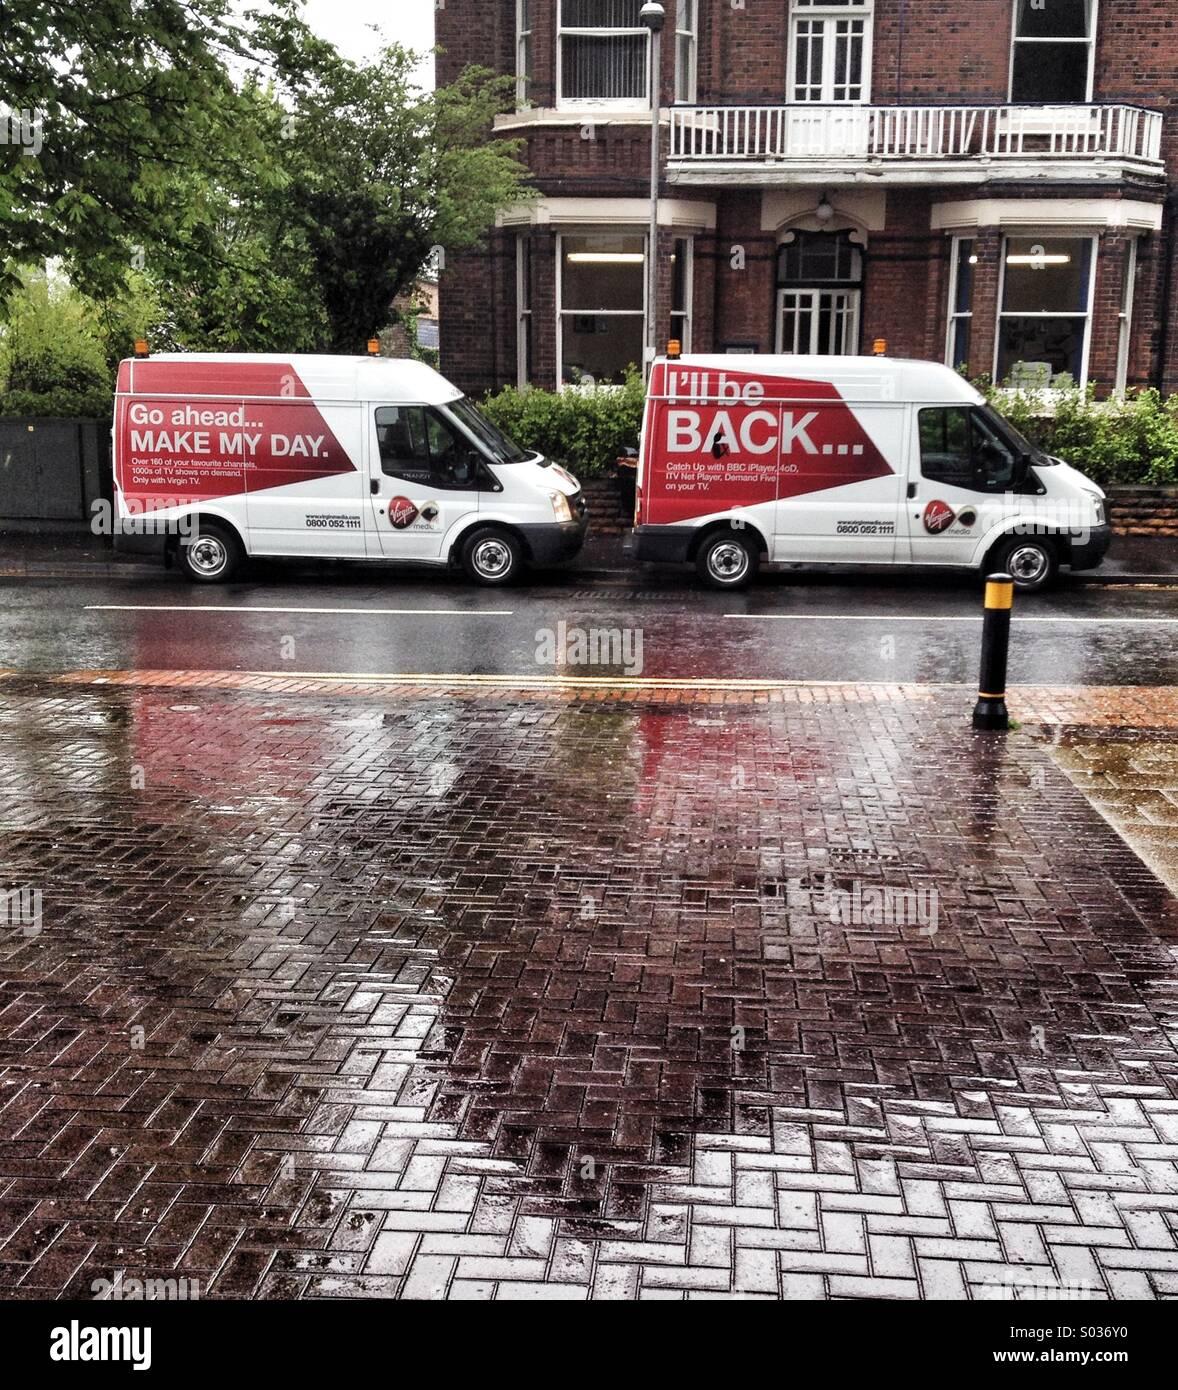 Broadband Vans - Stock Image